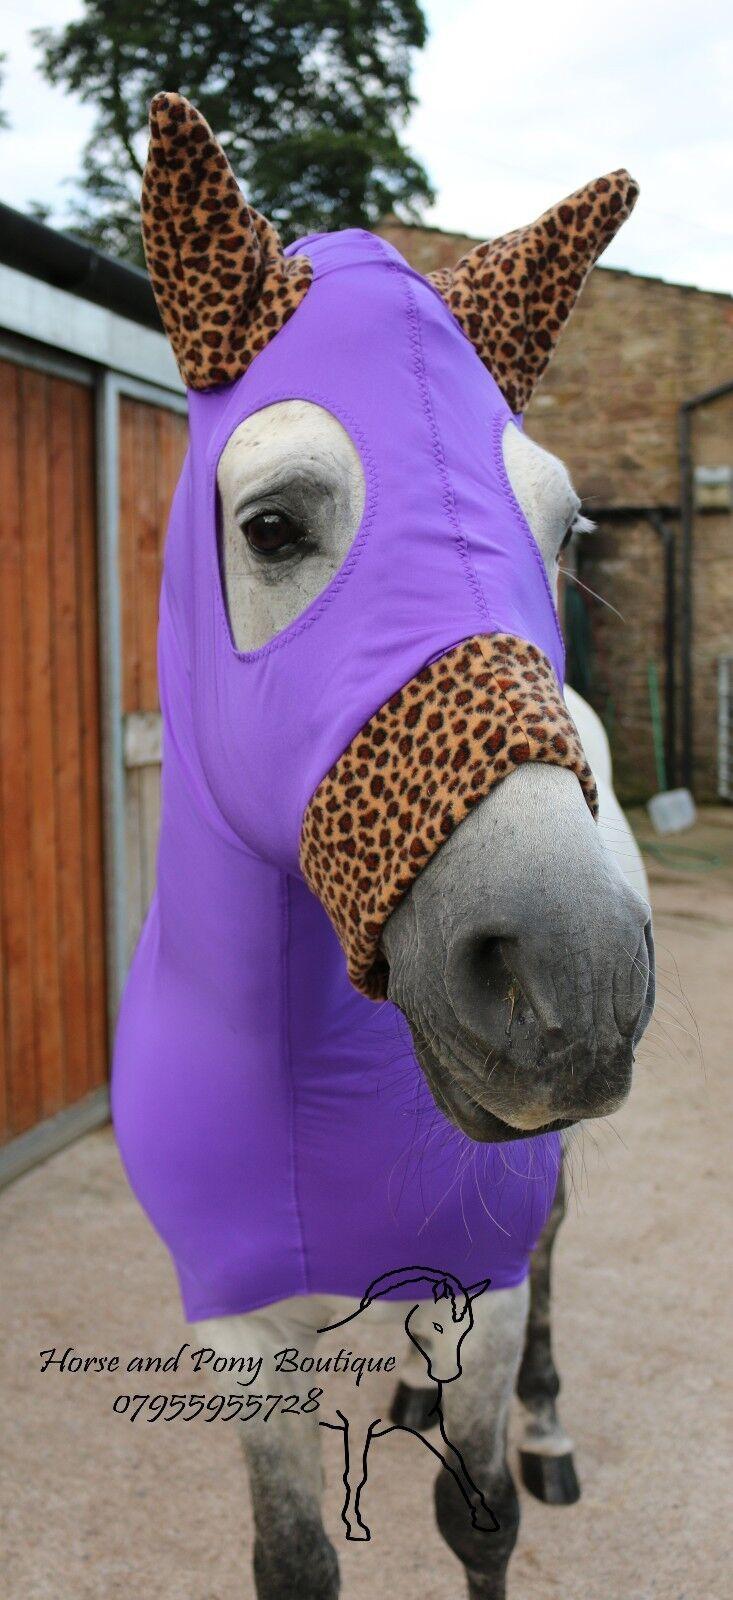 Cavallo in lycra viola cappuccio con finiture Stampa Leopardata, Cappuccio lycra HORSE SHOW